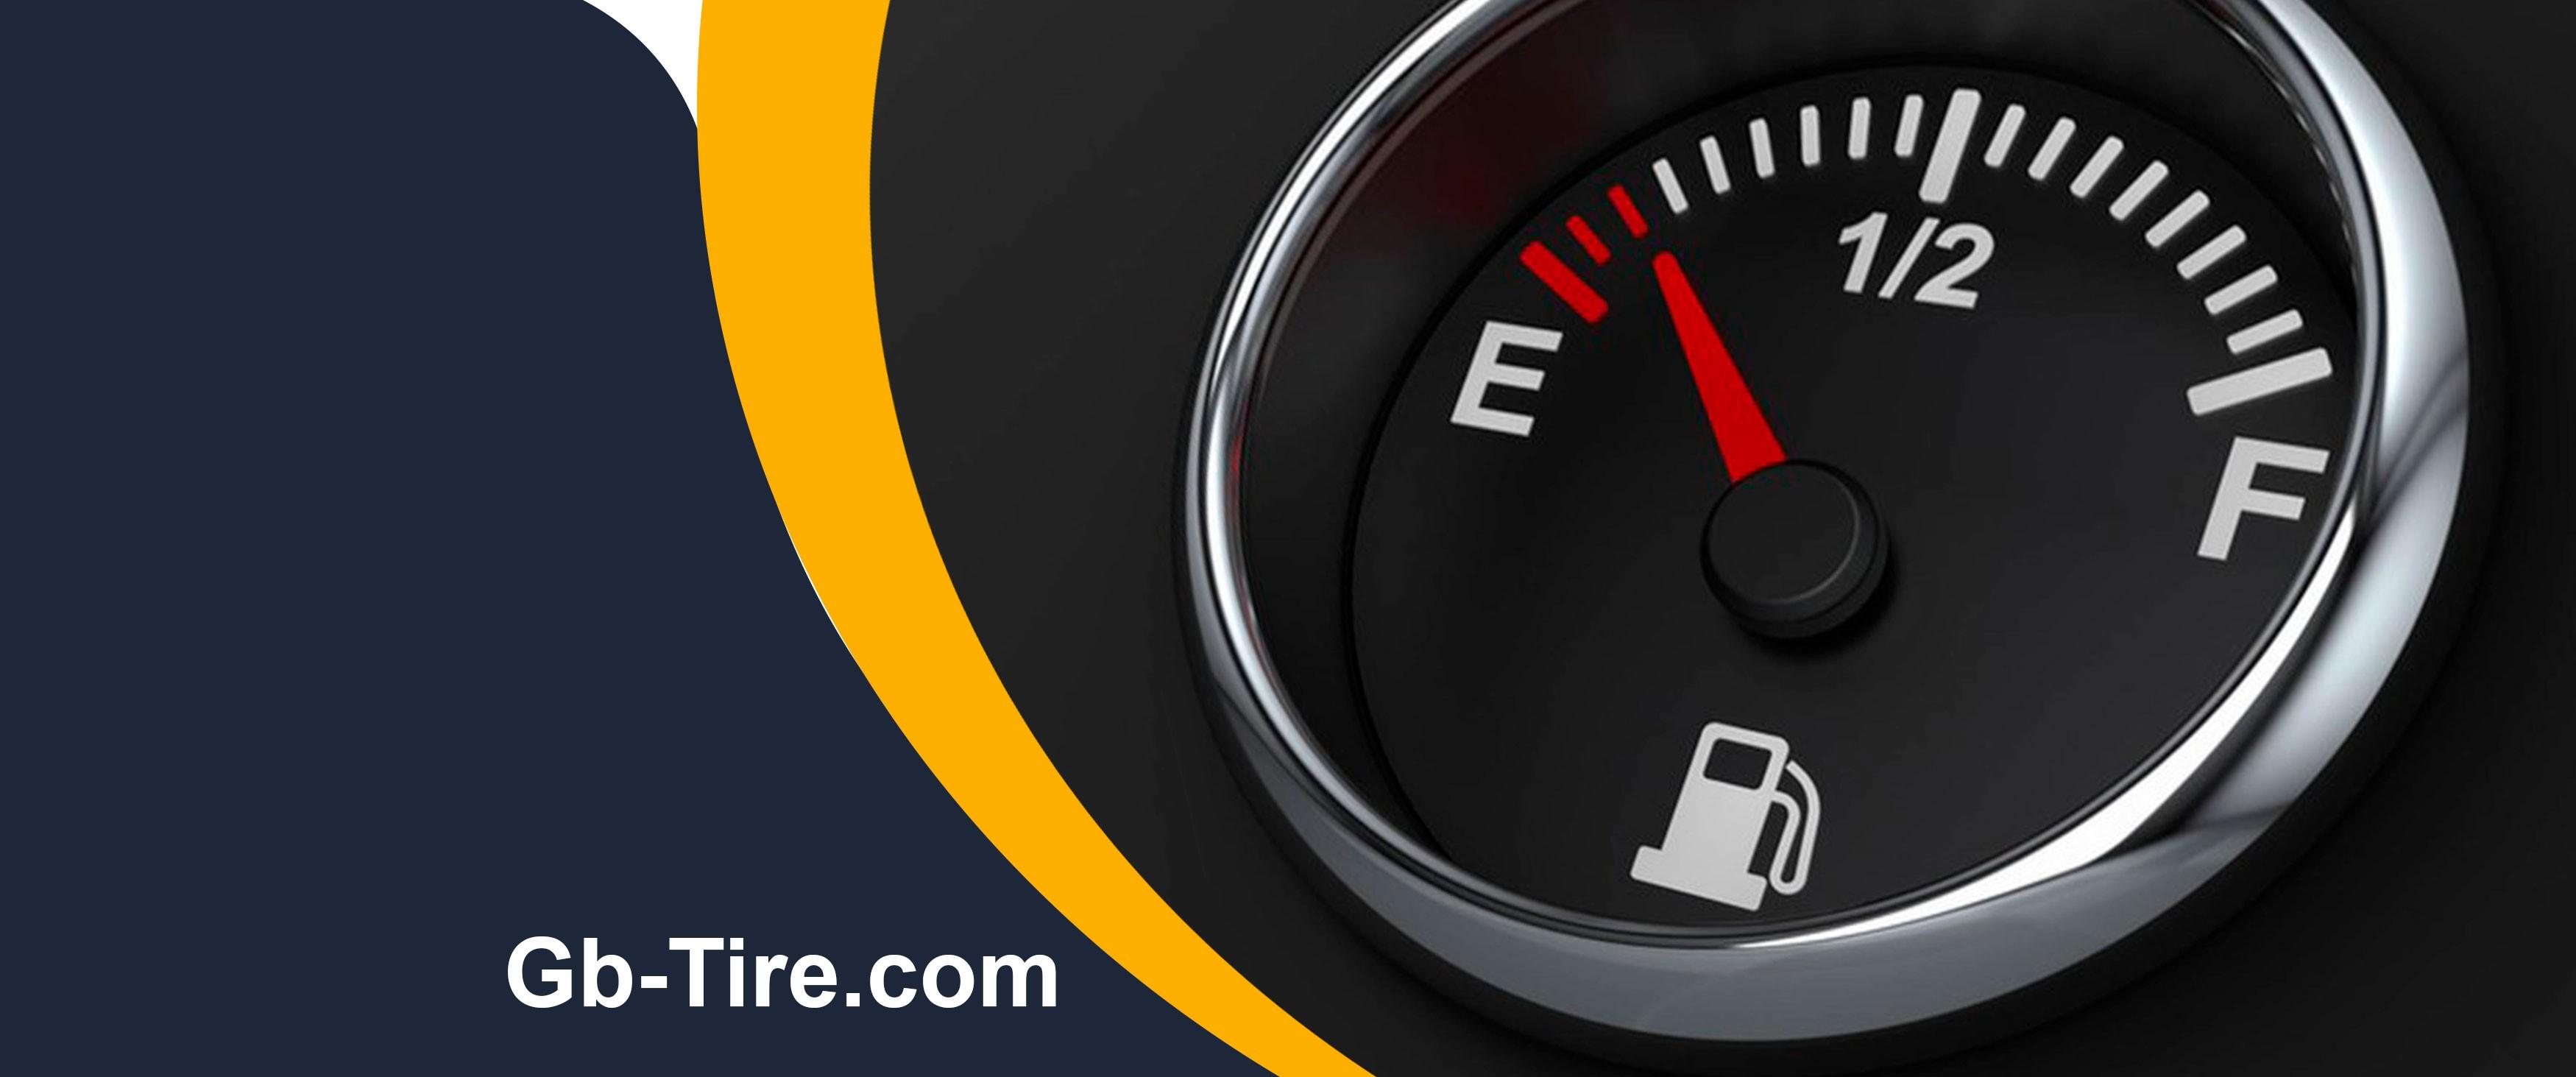 با چراغ بنزین روشن چند کیلومتر را میتوان طی کرد؟